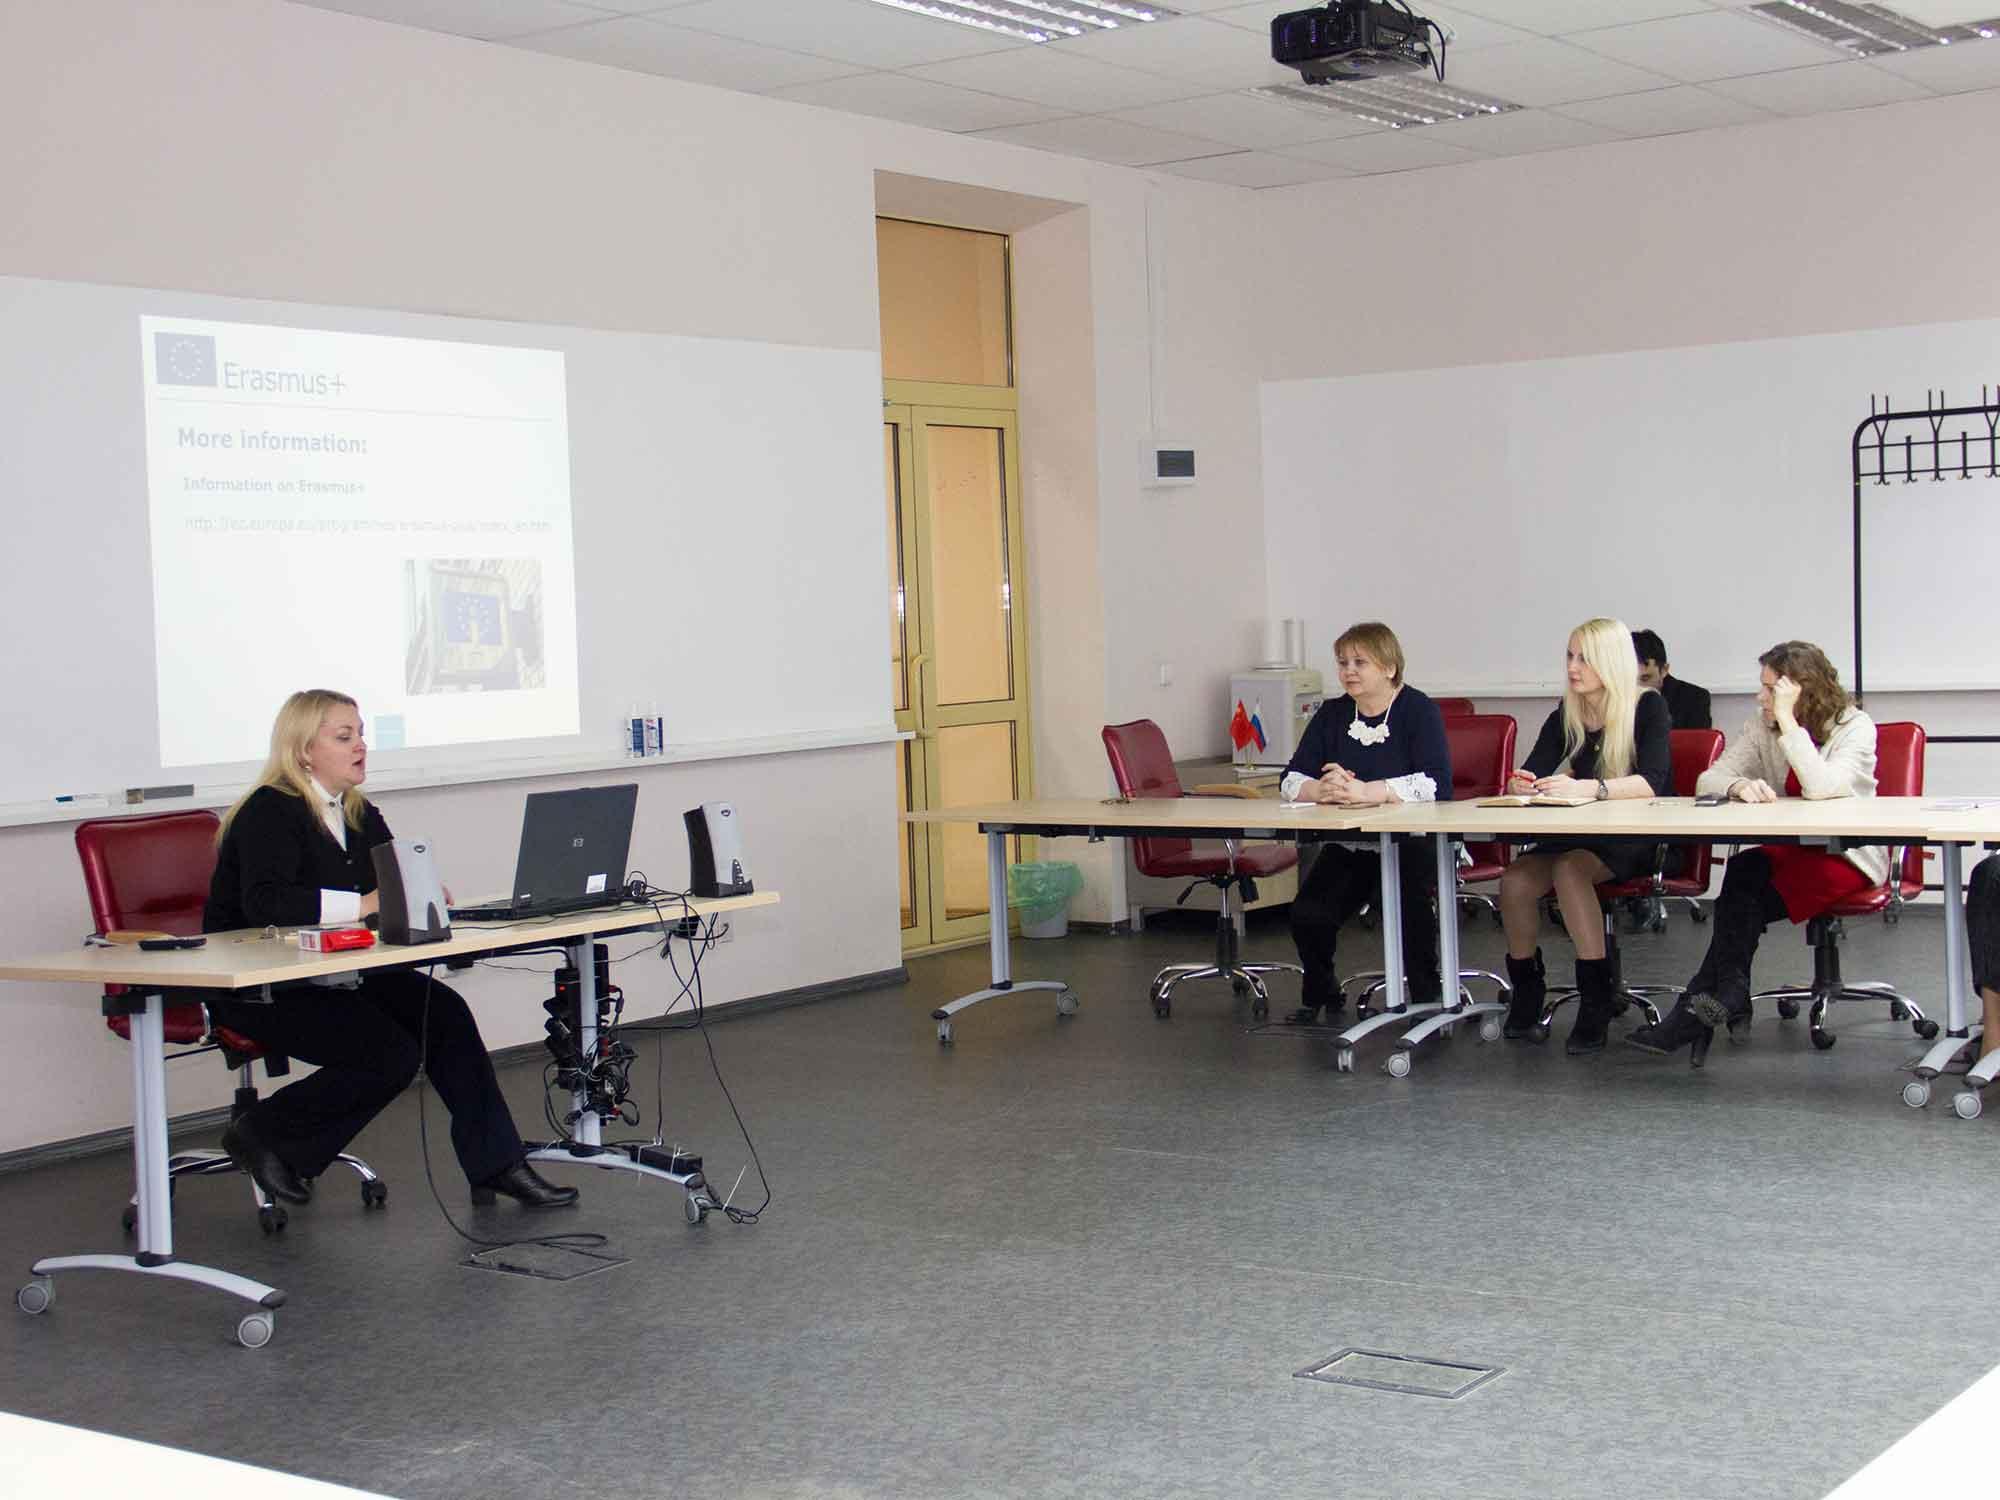 Сотрудники и студенты Мининского университета рассказали подробности о сотрудничестве с европейскими вузами